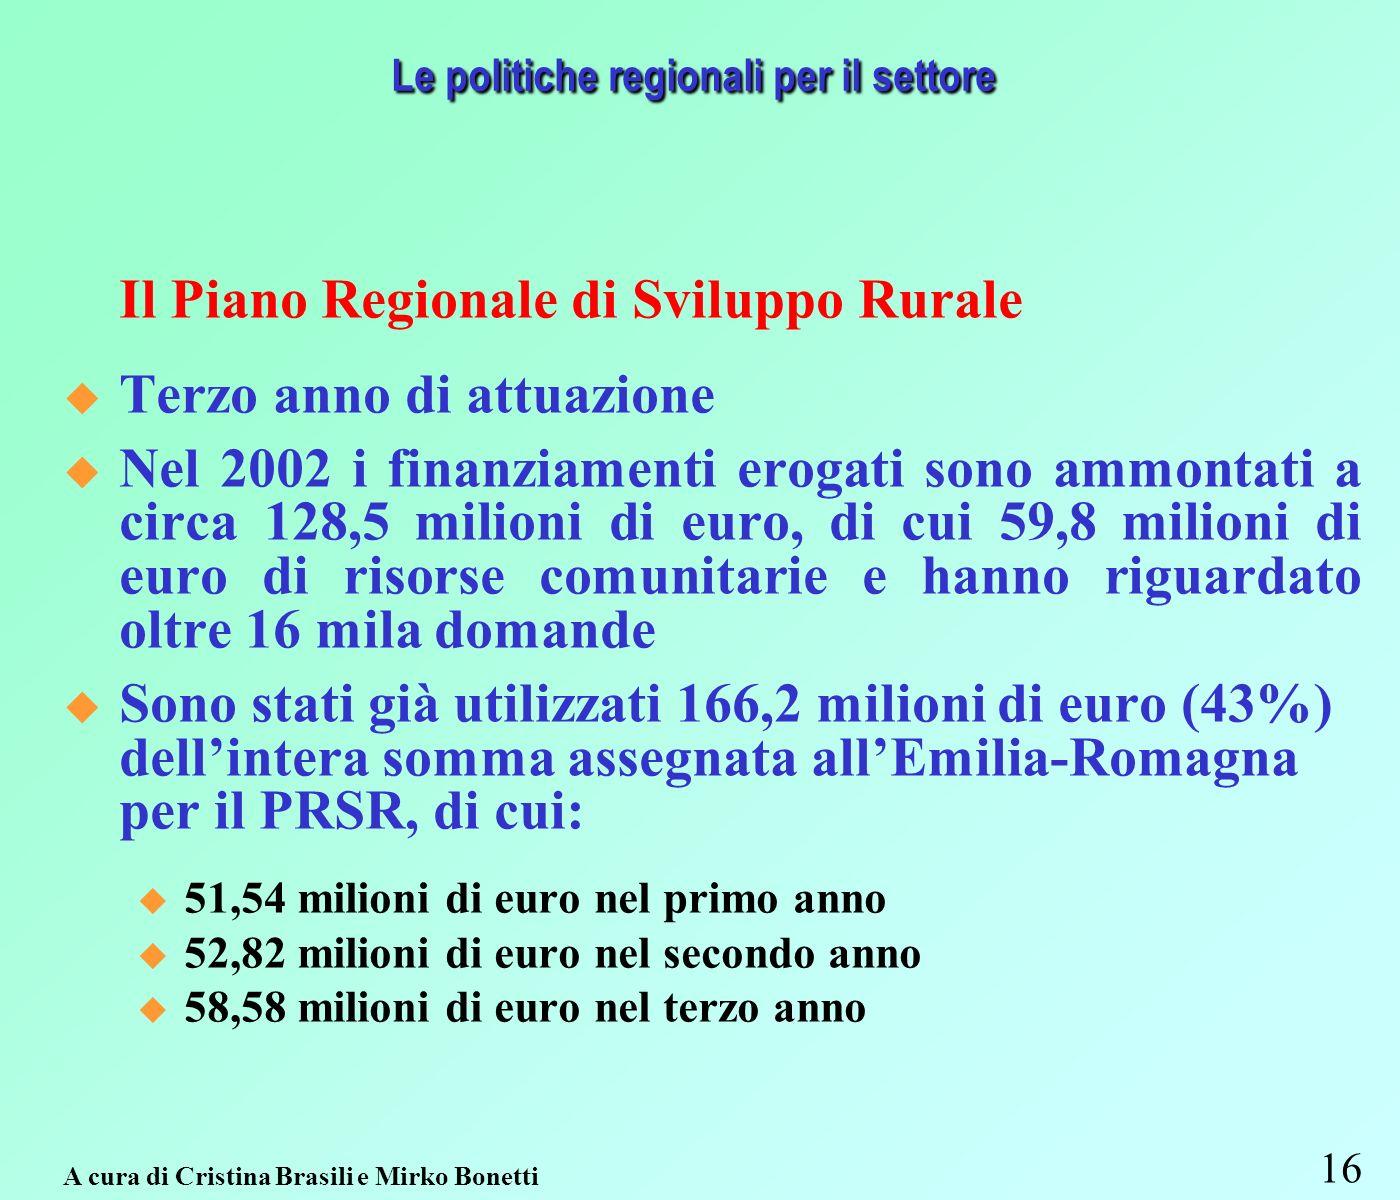 16 Le politiche regionali per il settore Il Piano Regionale di Sviluppo Rurale Terzo anno di attuazione Nel 2002 i finanziamenti erogati sono ammontati a circa 128,5 milioni di euro, di cui 59,8 milioni di euro di risorse comunitarie e hanno riguardato oltre 16 mila domande Sono stati già utilizzati 166,2 milioni di euro (43%) dellintera somma assegnata allEmilia-Romagna per il PRSR, di cui: u 51,54 milioni di euro nel primo anno u 52,82 milioni di euro nel secondo anno u 58,58 milioni di euro nel terzo anno A cura di Cristina Brasili e Mirko Bonetti